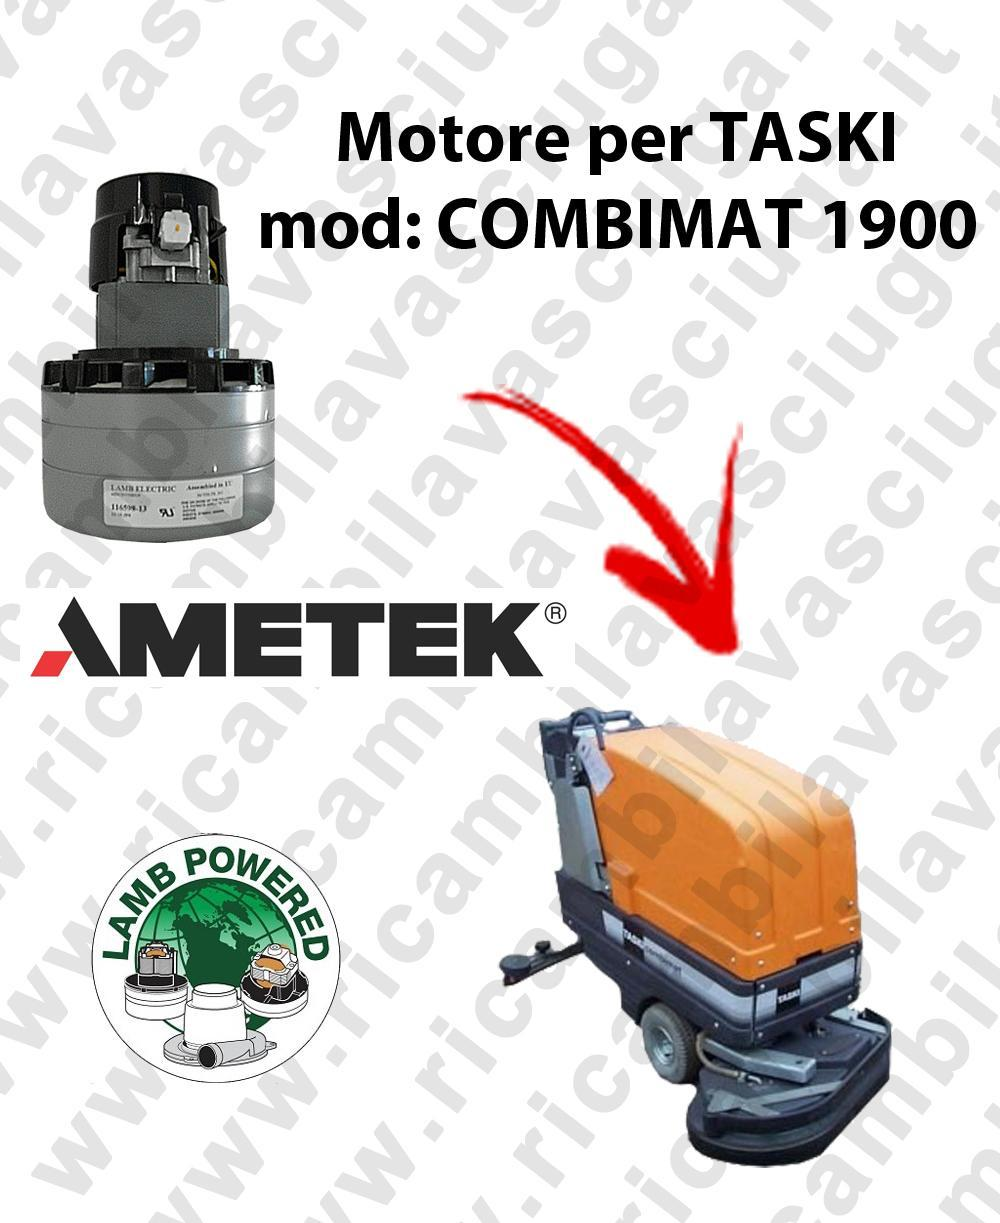 COMBIMAT 1900 MOTEUR ASPIRATION LAMB AMATEK pour autolaveuses TASKI